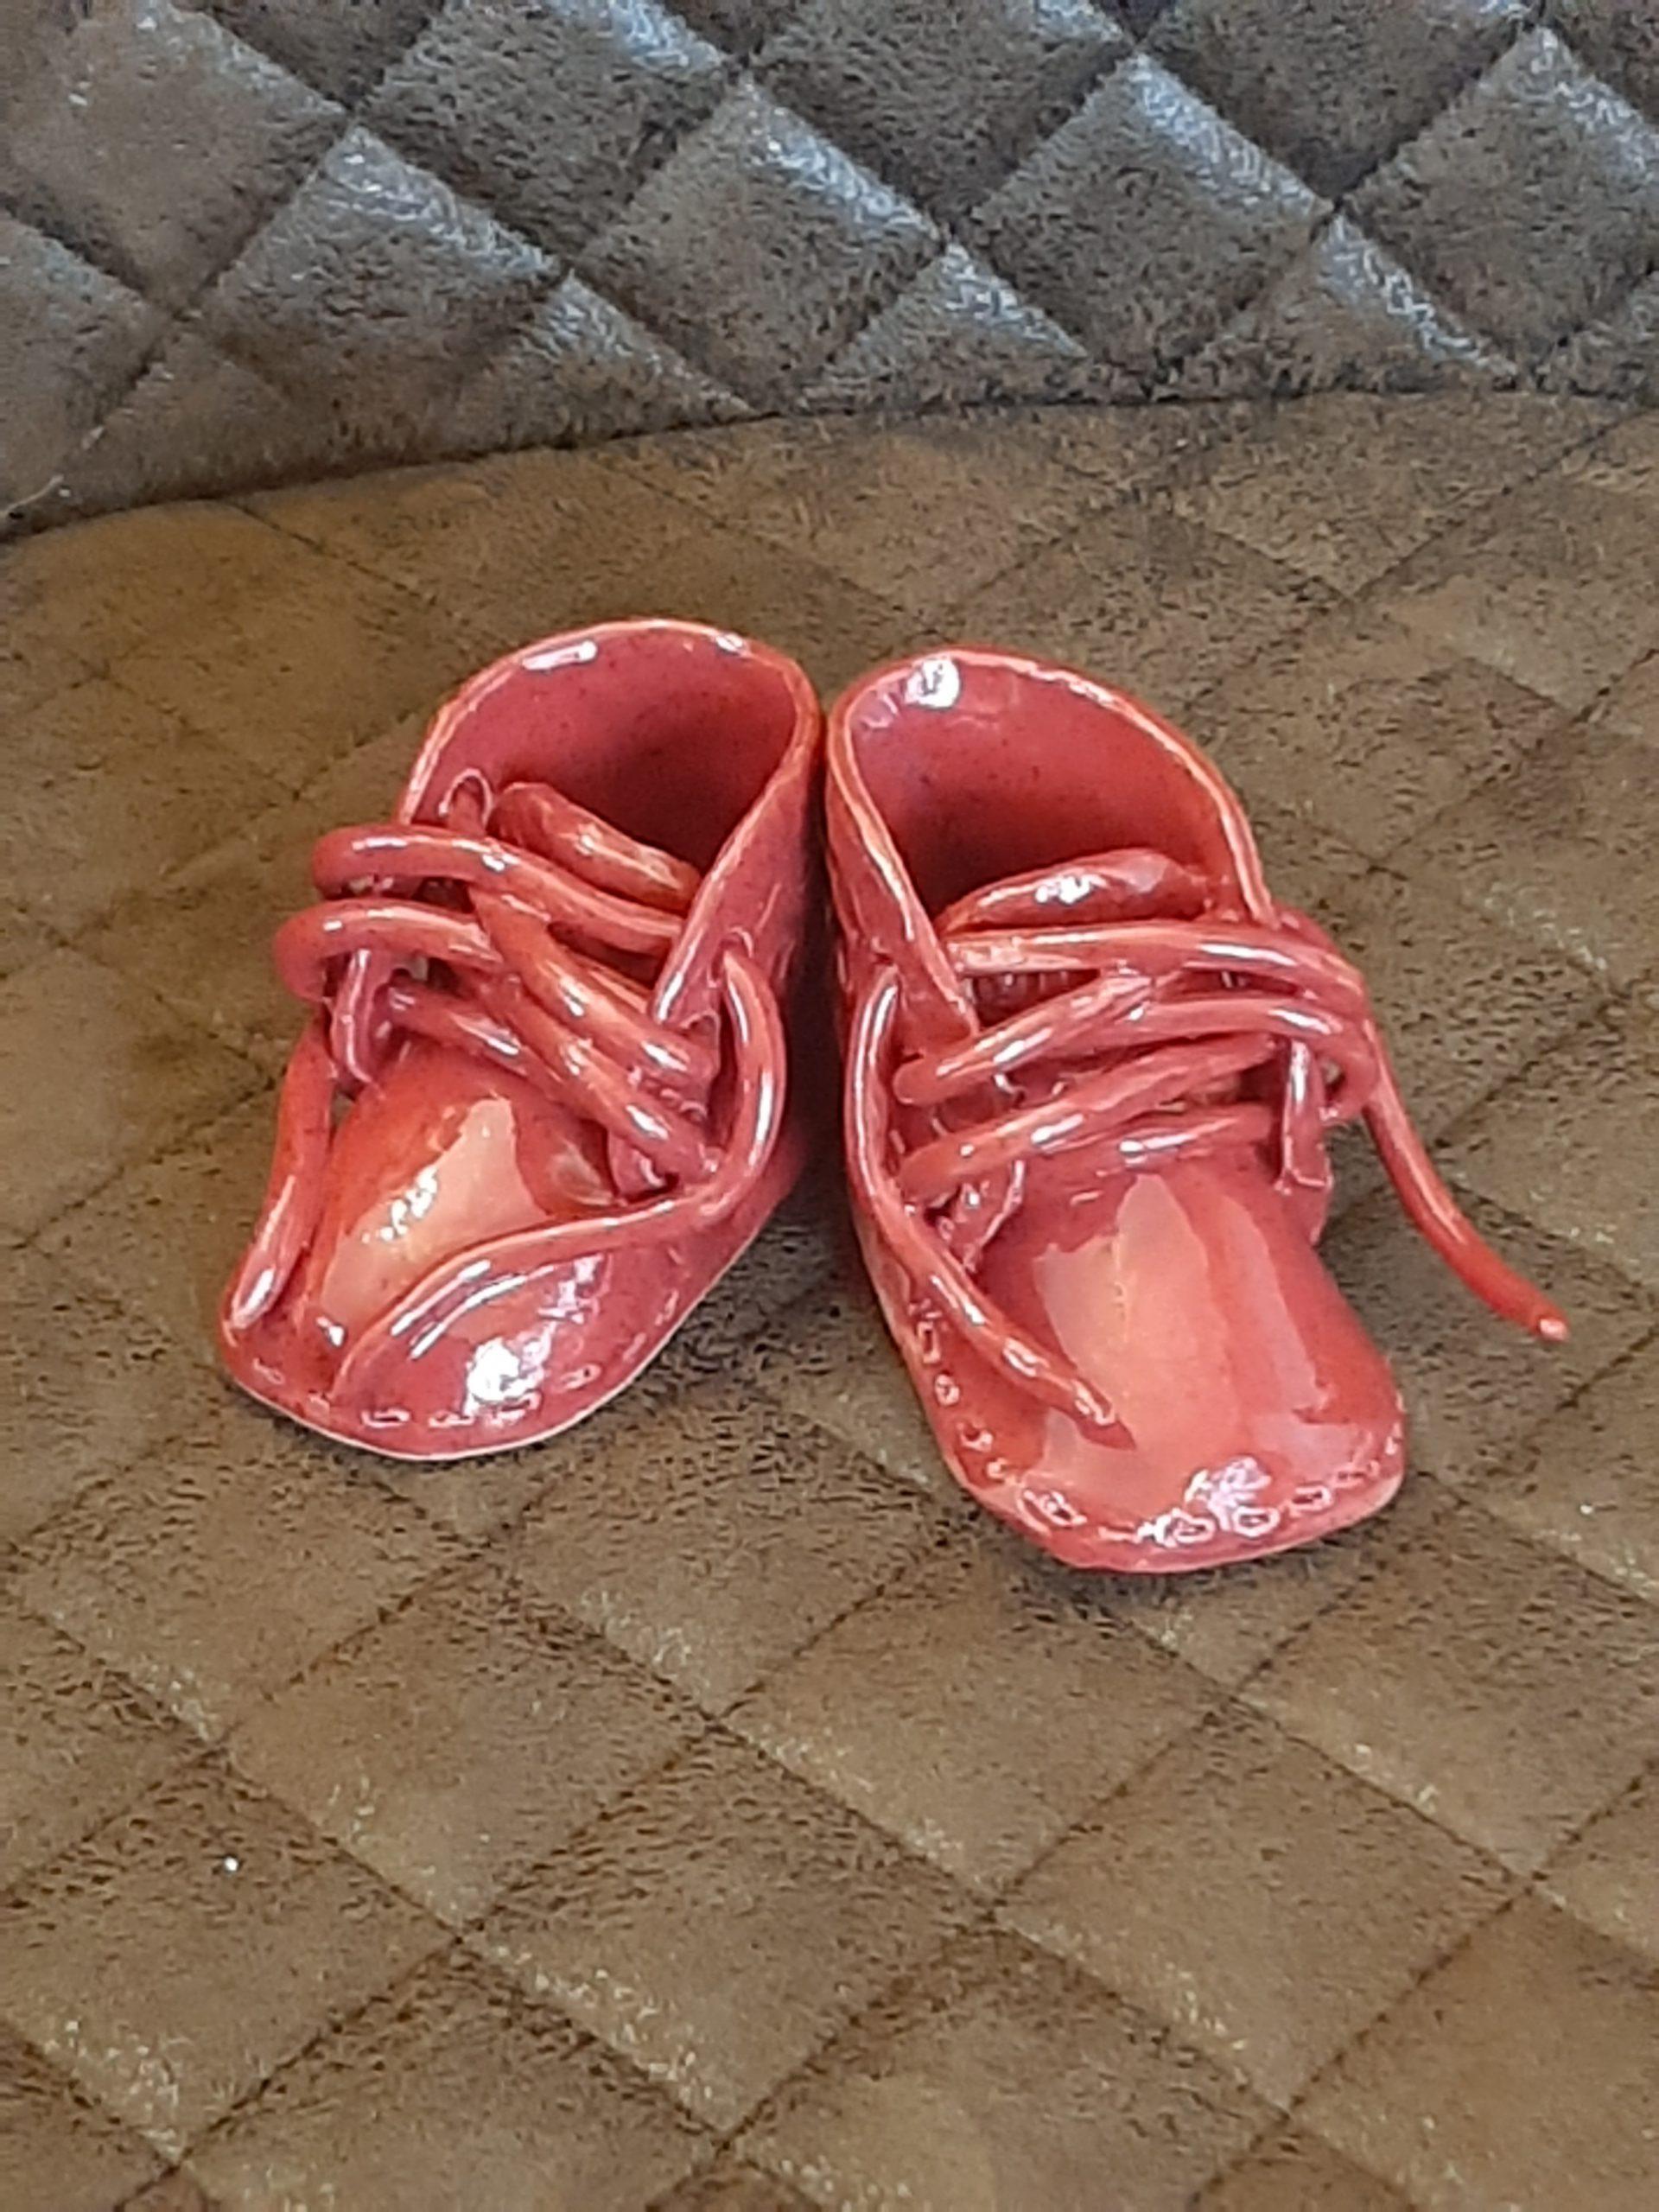 rote Baby Schuhe, Tonkreation, wundervolles Geschenk, inmitten von Augsburg, KeraMik von Herz zu Herz, Kunst, schöne Sachen die Freude machen